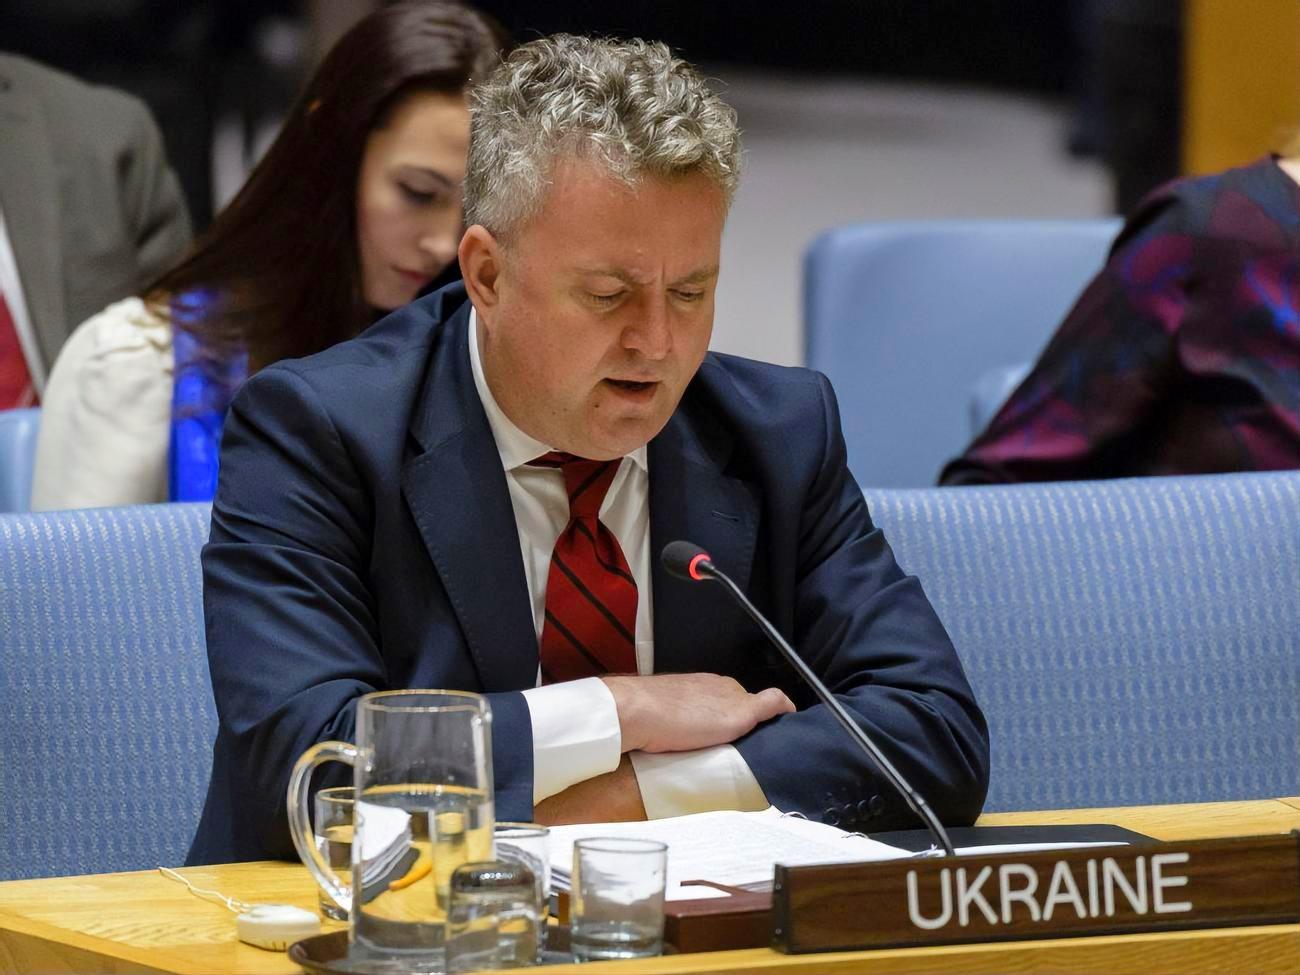 Представитель Украины при ООН рассказал о резолюциях по Крыму Украины, словам, обращений, время, Незалежная, каждый, будет, резолюции, текстами, Кислица, представитель, подчеркнул, страныСергей, очень, учреждений, государственных, тщательно, работает, своих, резолюций